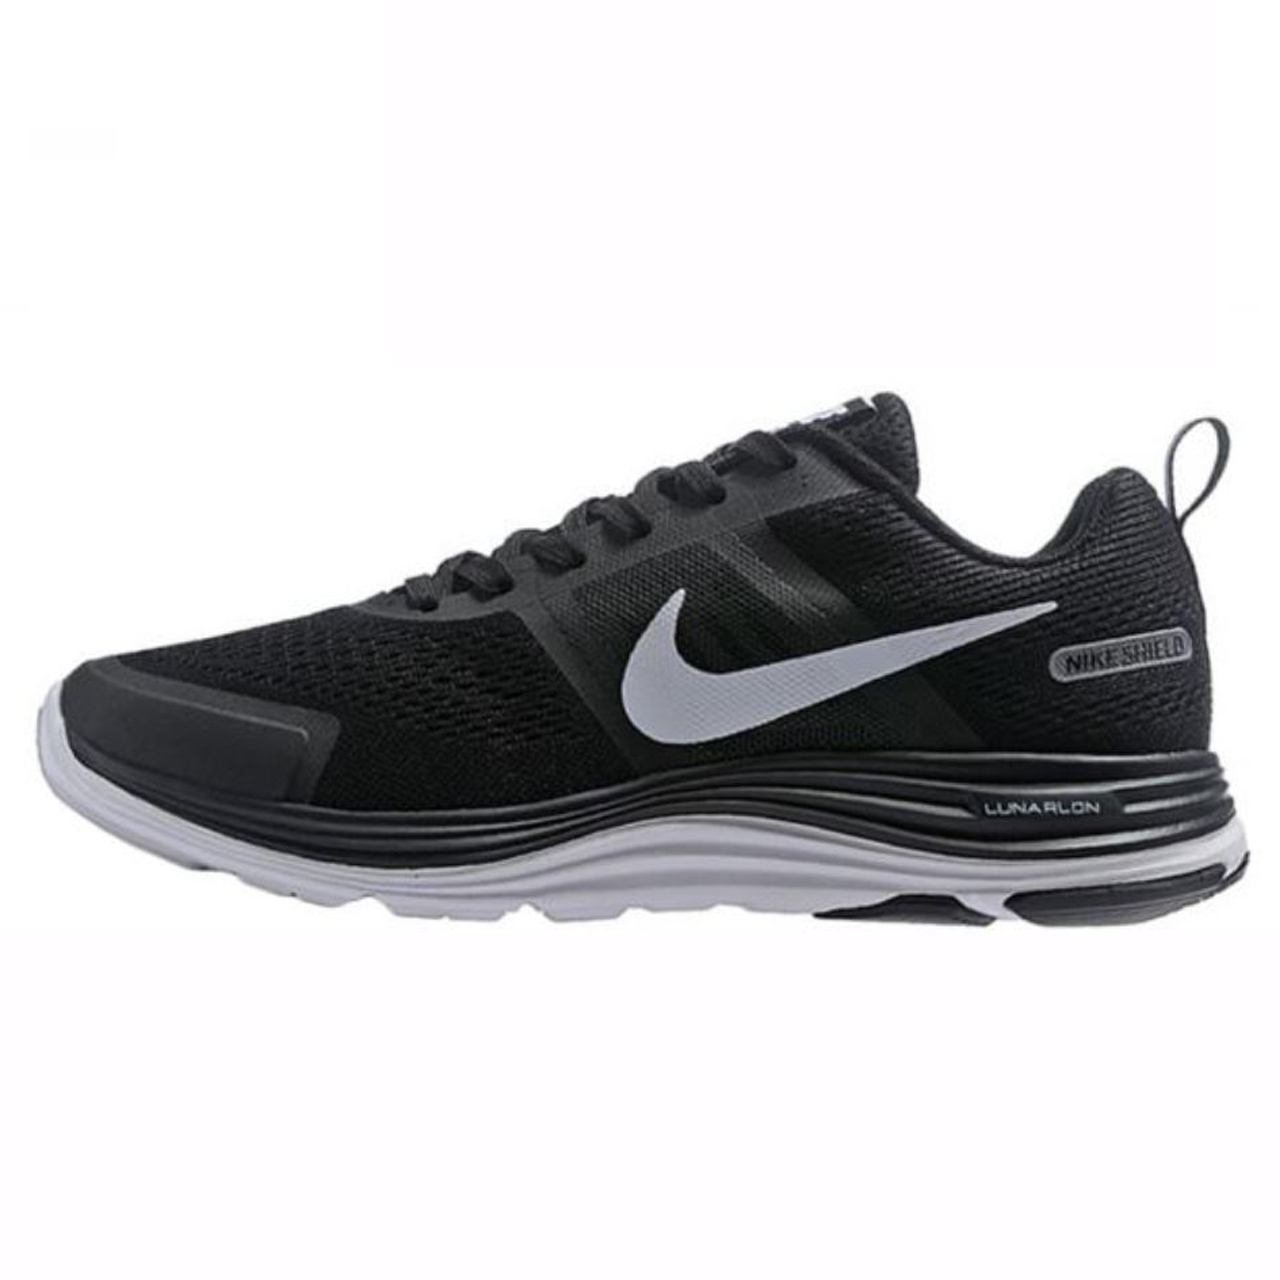 کفش پیاده روی مردانه نایکی مدل LUNARLON - 803268.001             , خرید اینترنتی